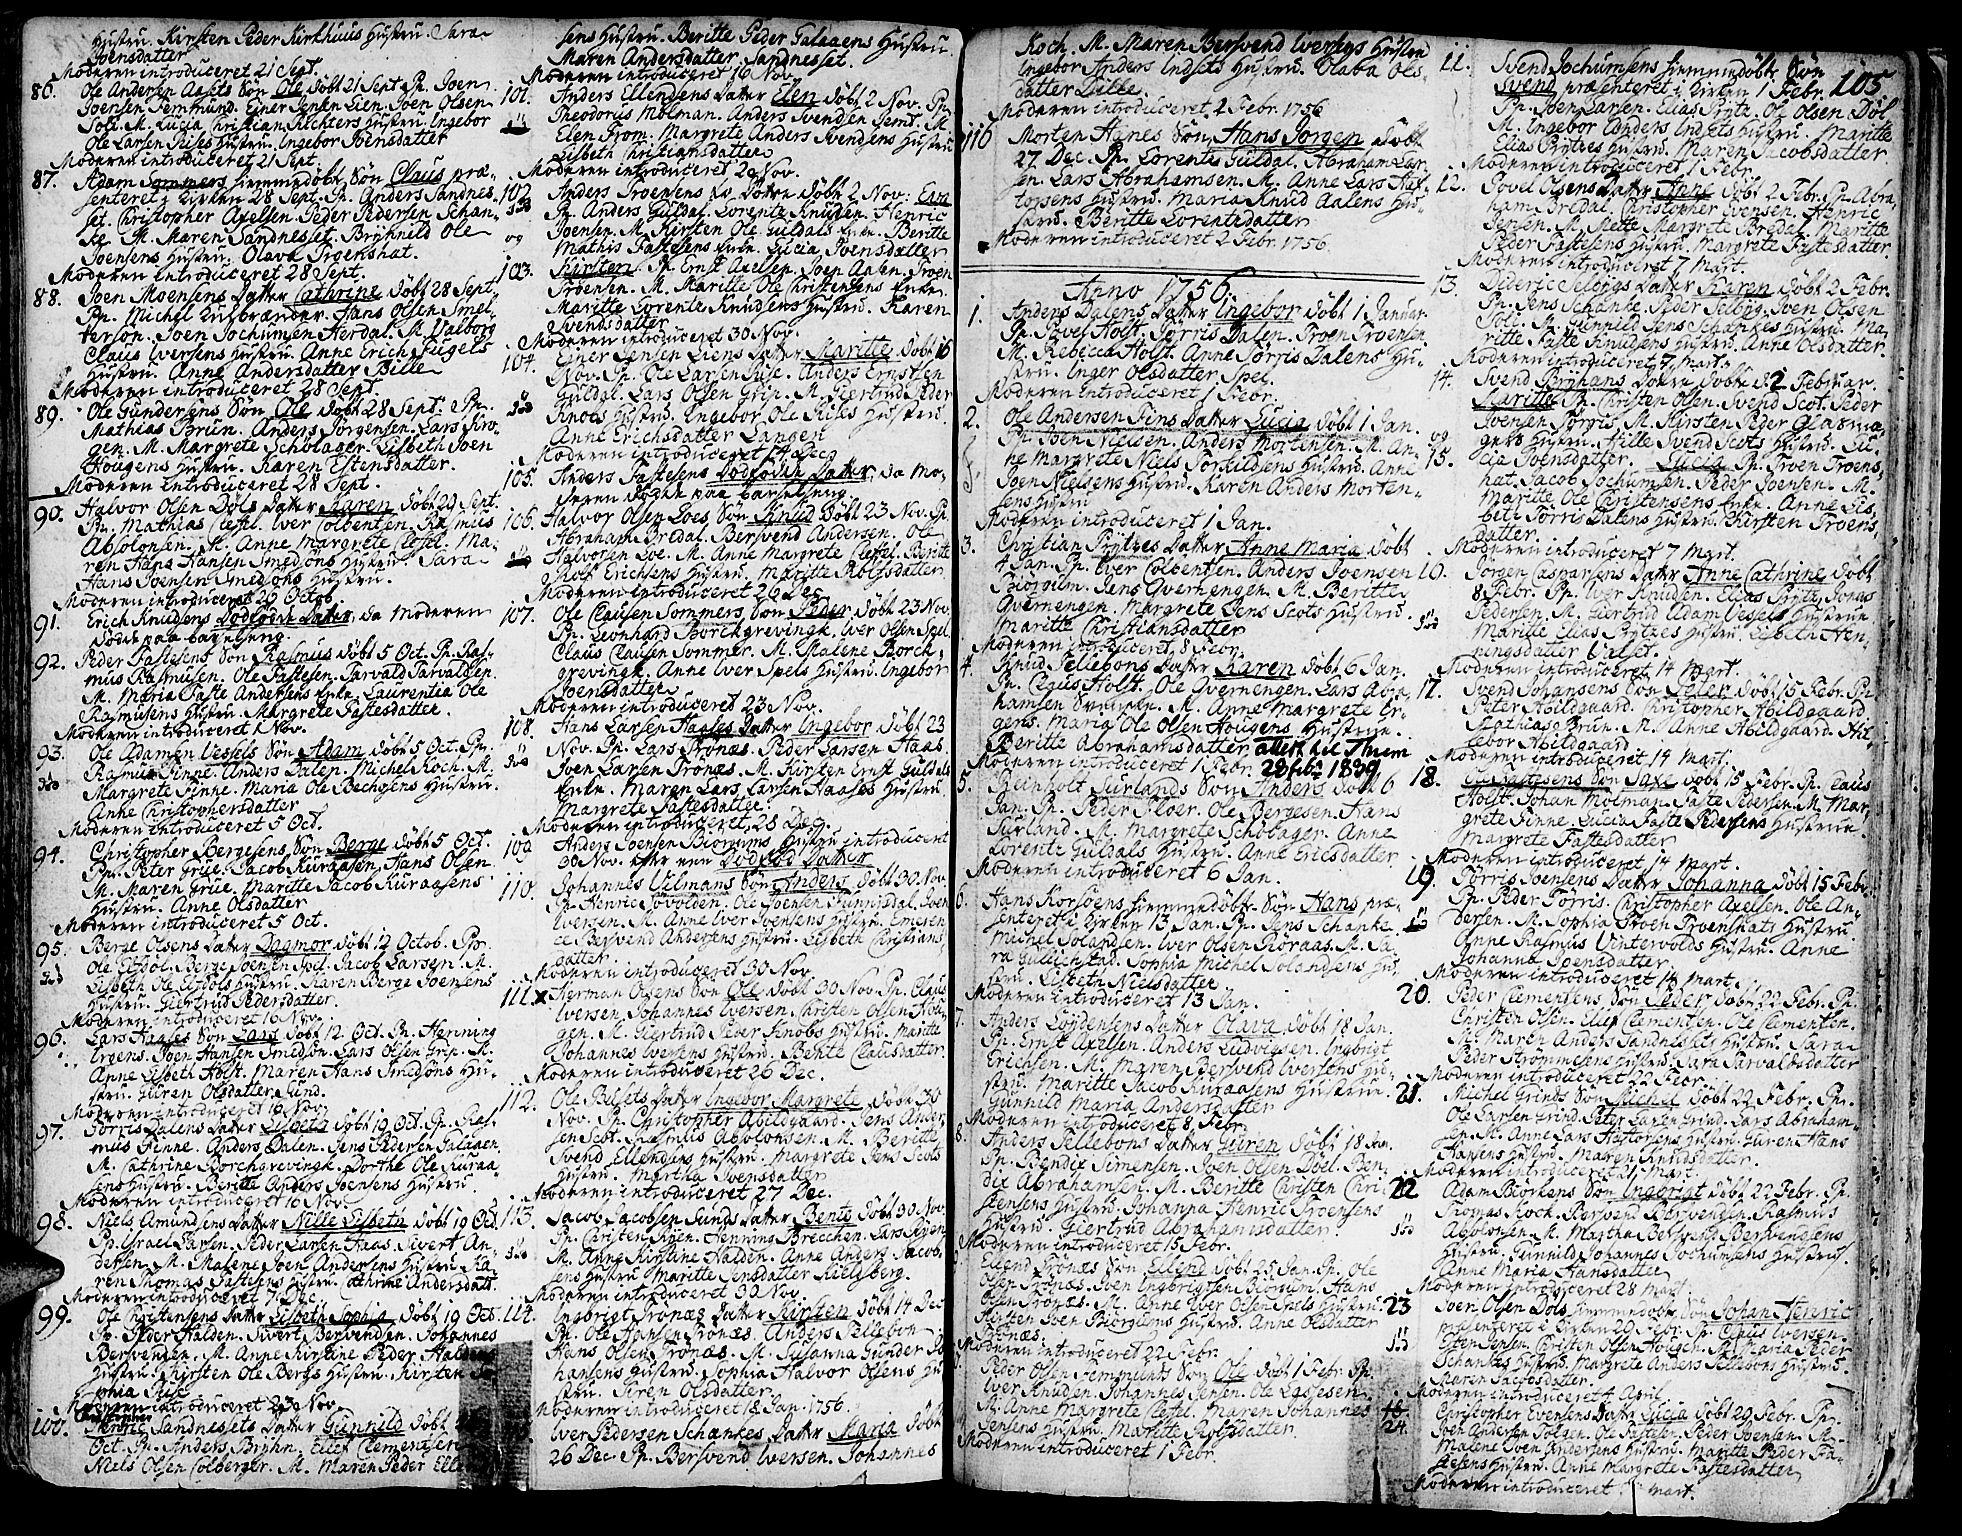 SAT, Ministerialprotokoller, klokkerbøker og fødselsregistre - Sør-Trøndelag, 681/L0925: Ministerialbok nr. 681A03, 1727-1766, s. 105